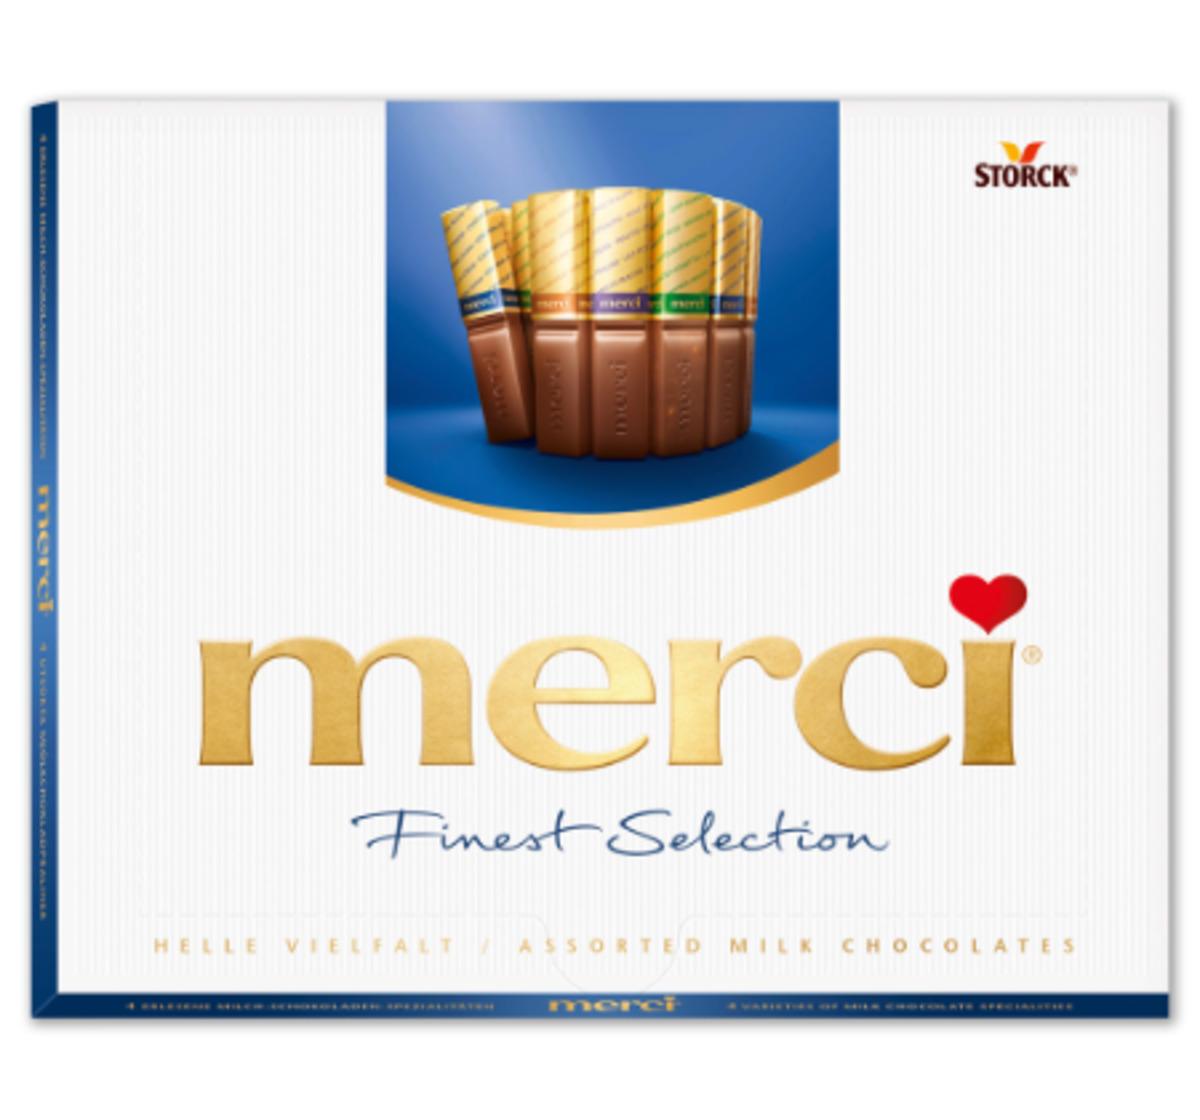 Bild 2 von MERCI Finest Selection